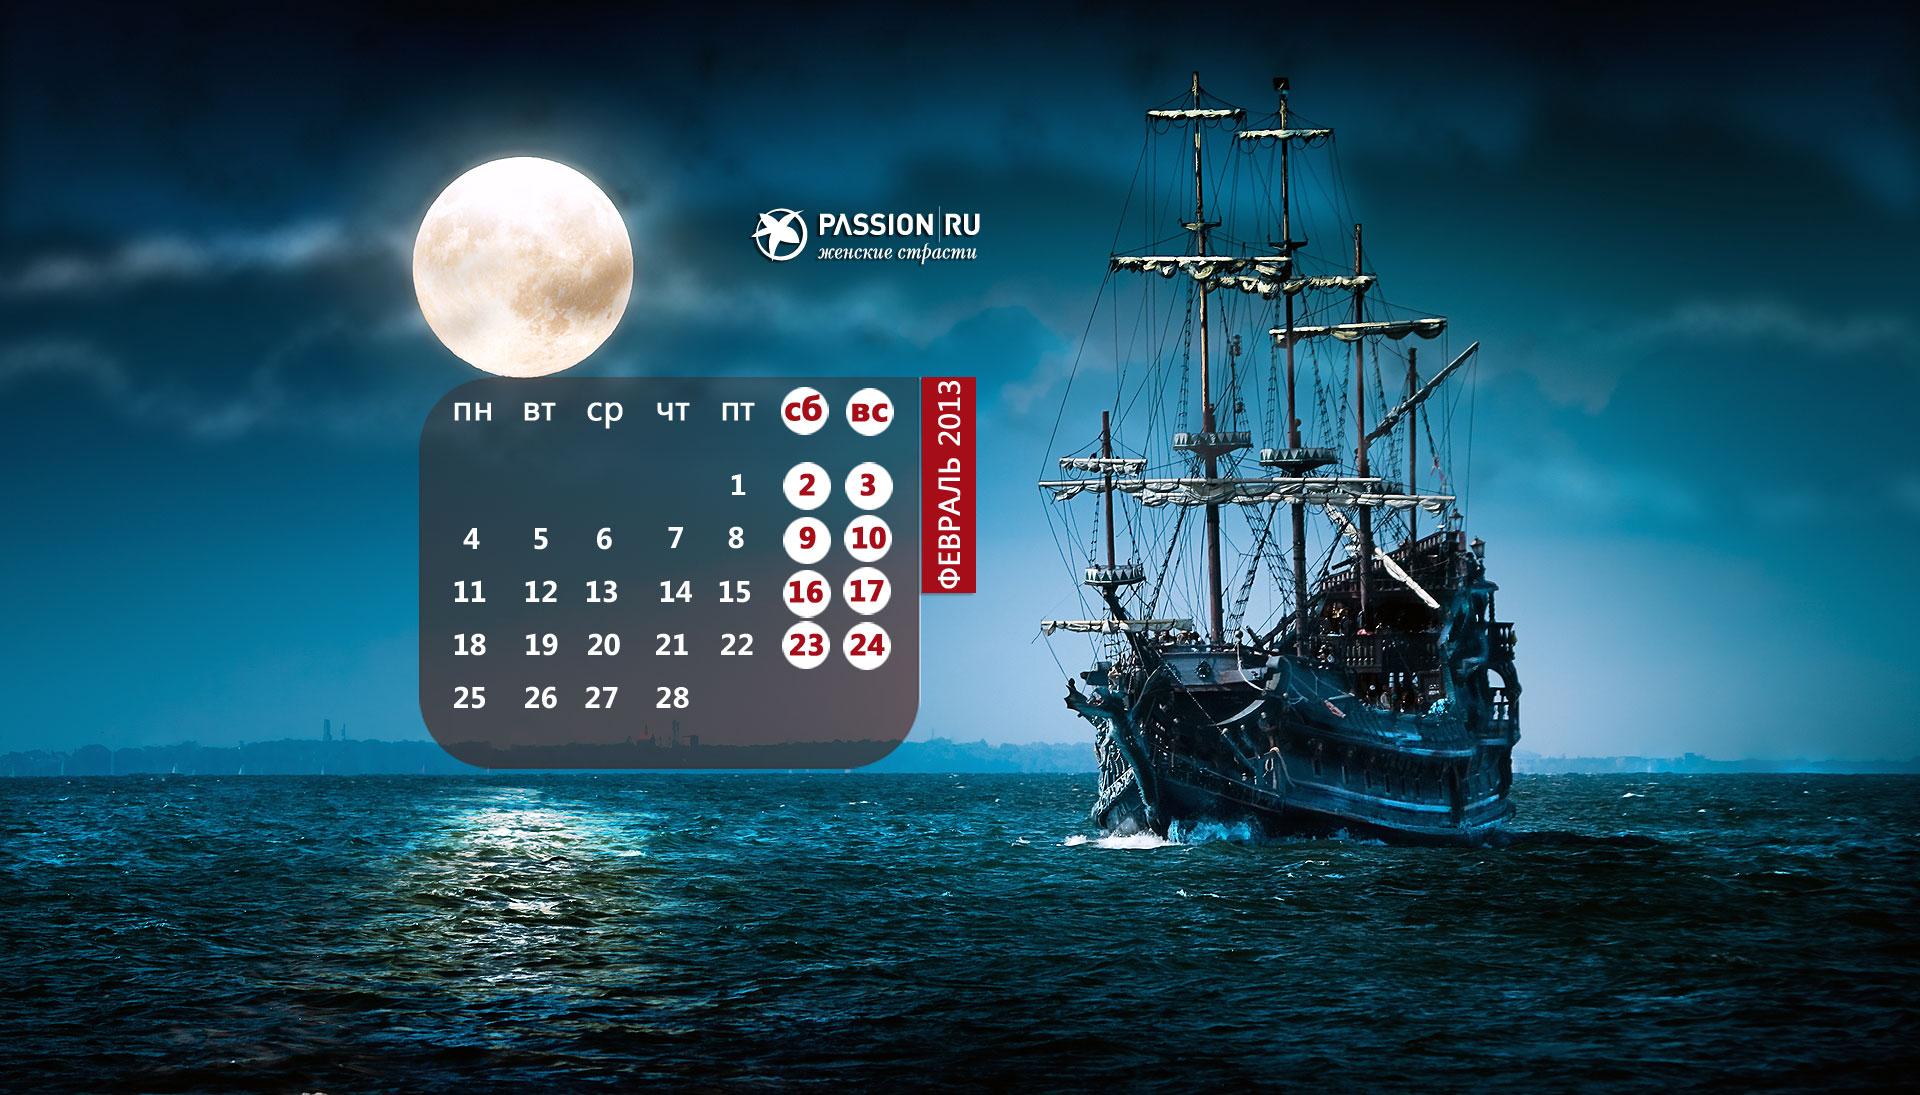 Пассион ру обои на рабочий стол с календарем август 2017